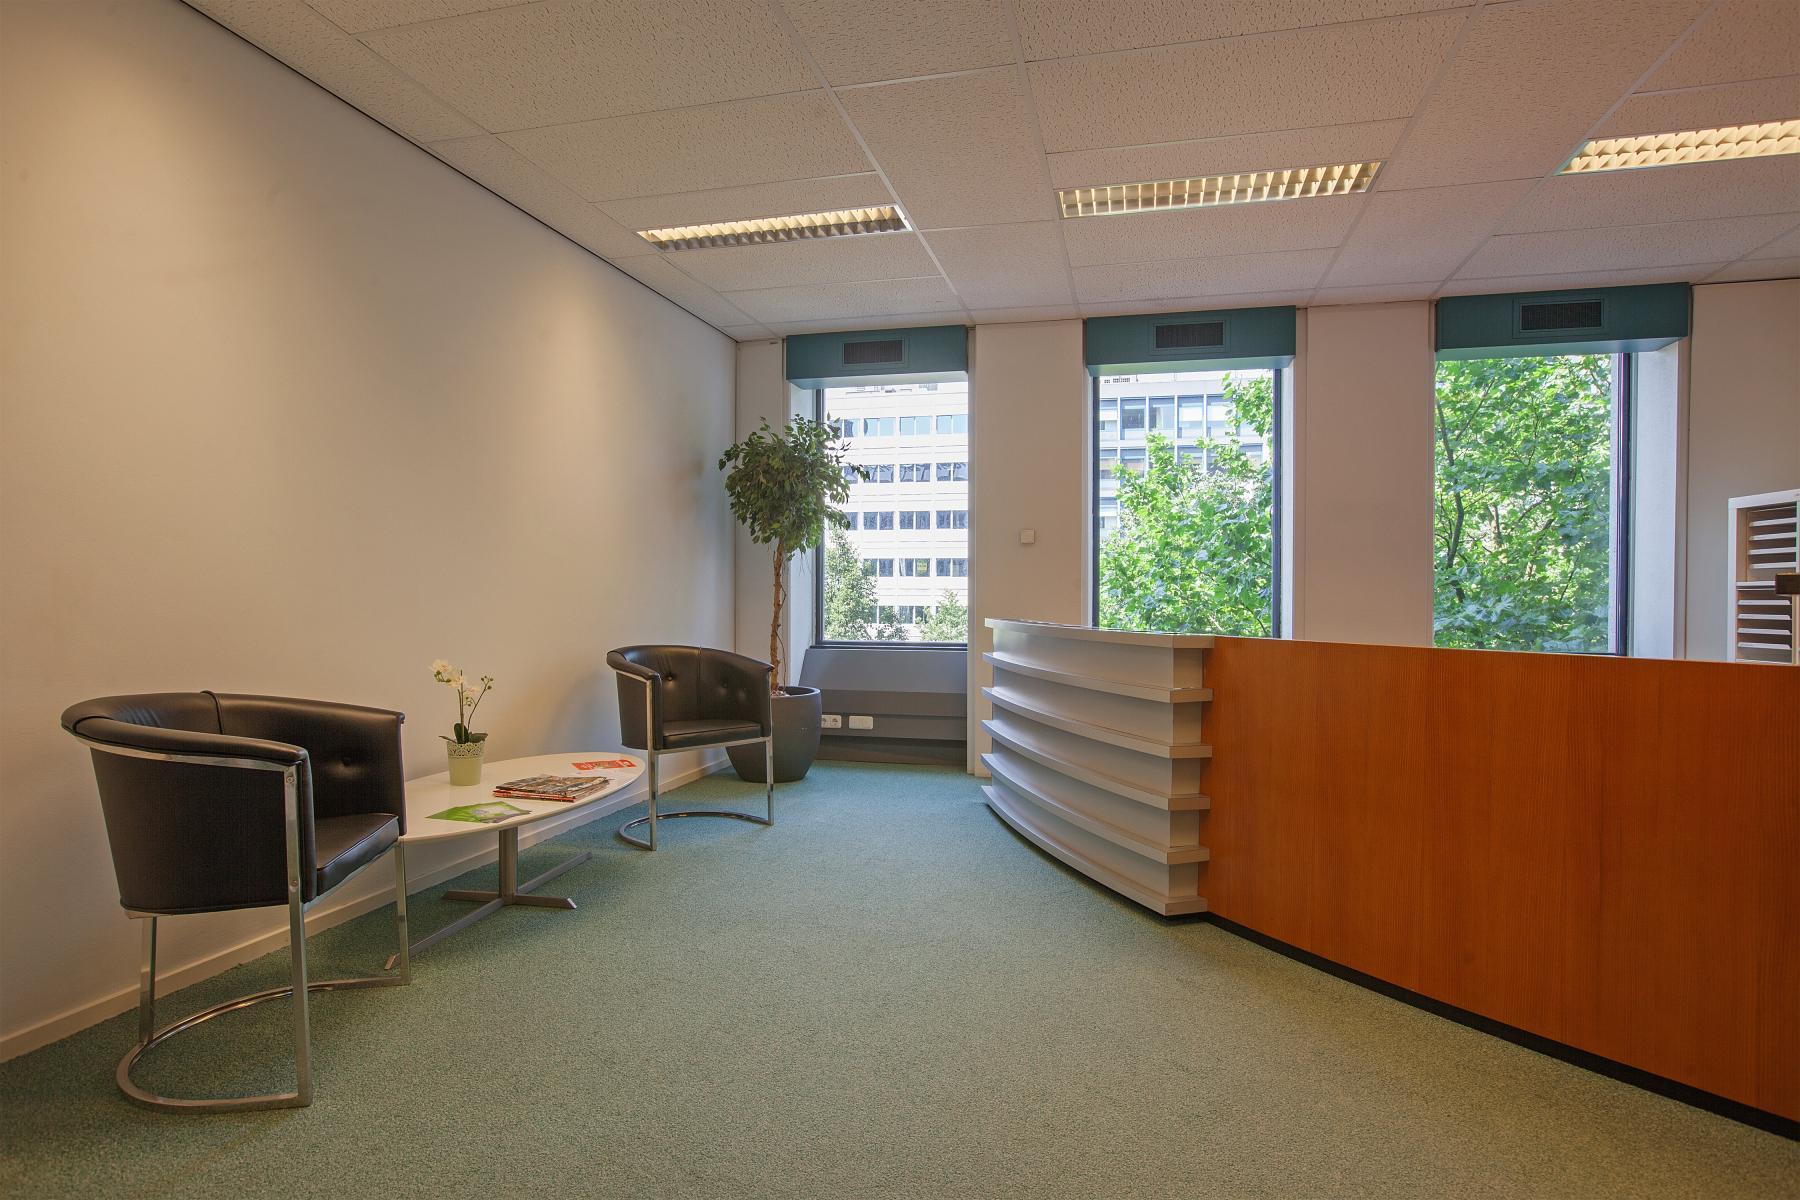 kantoorgebouw in rotterdam aan westblaak huren met receptie